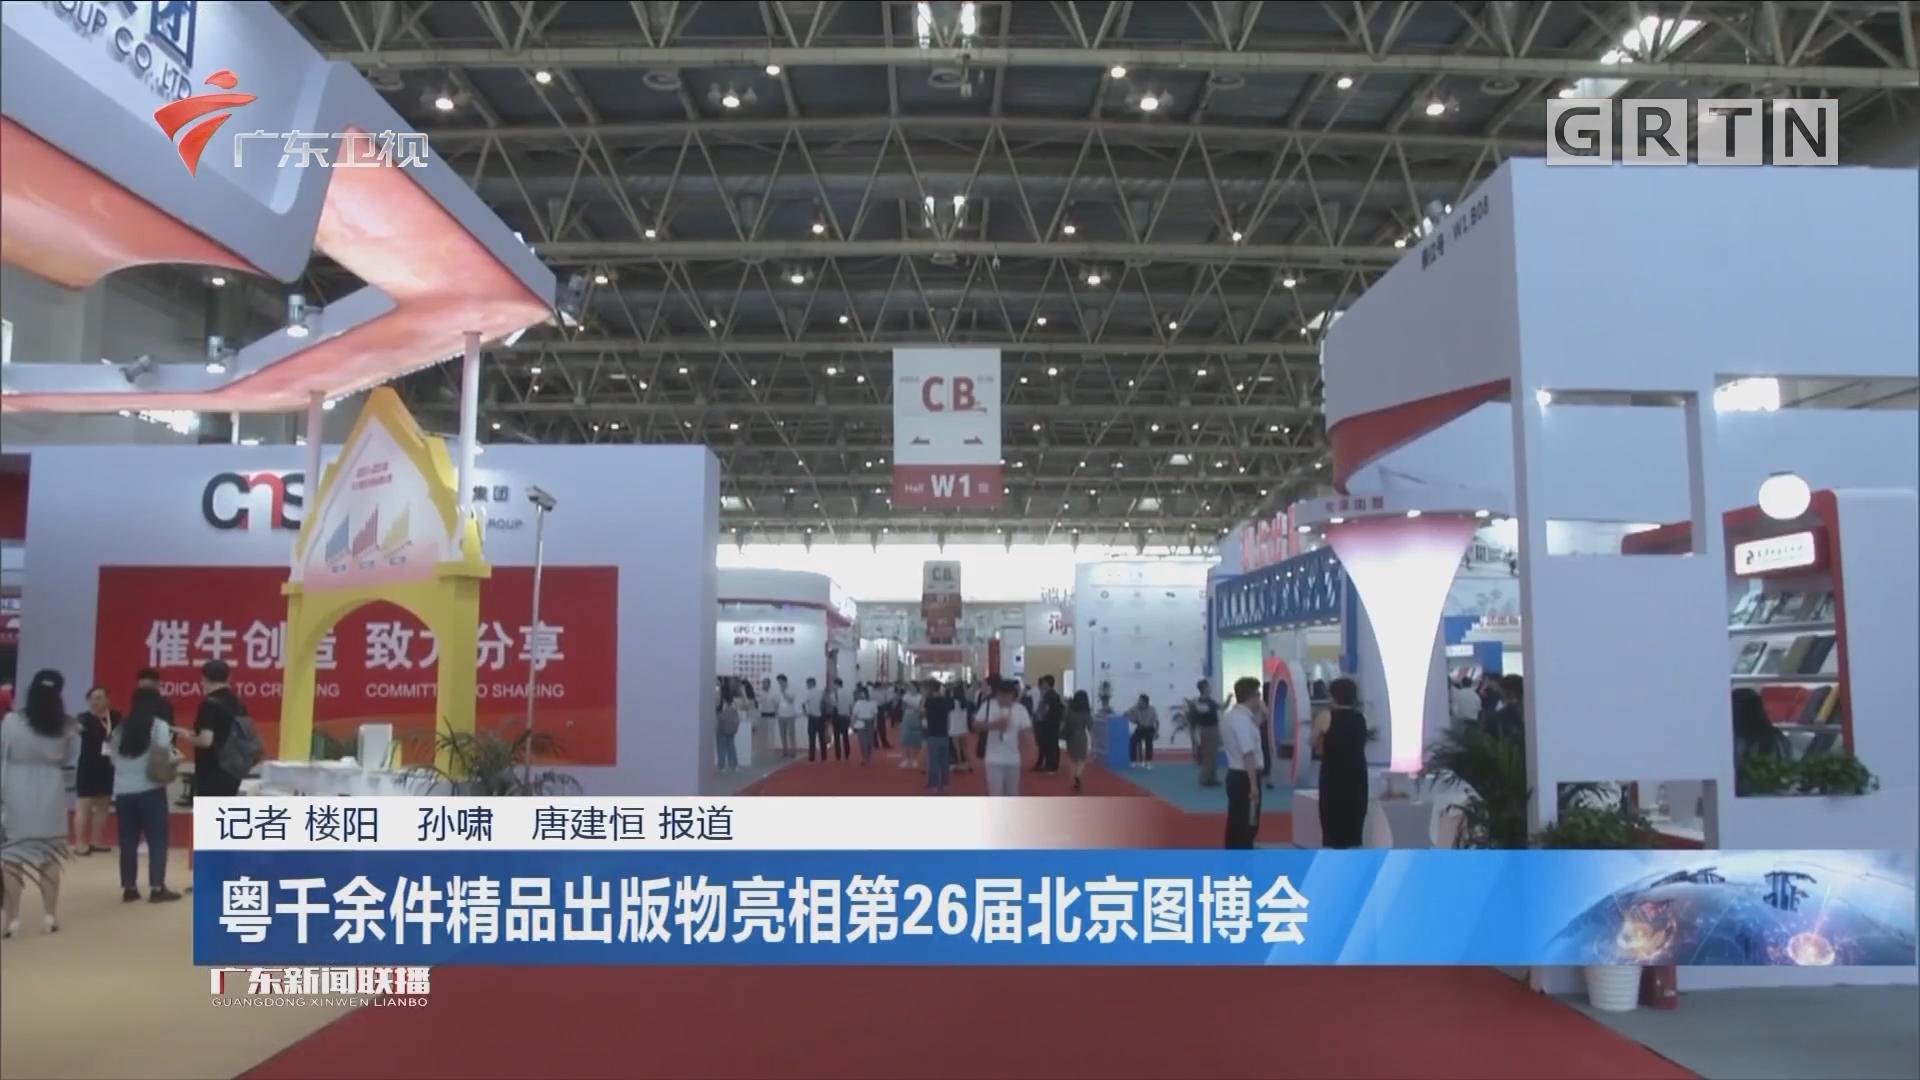 粤千余件精品出版物亮相第26届北京图博会